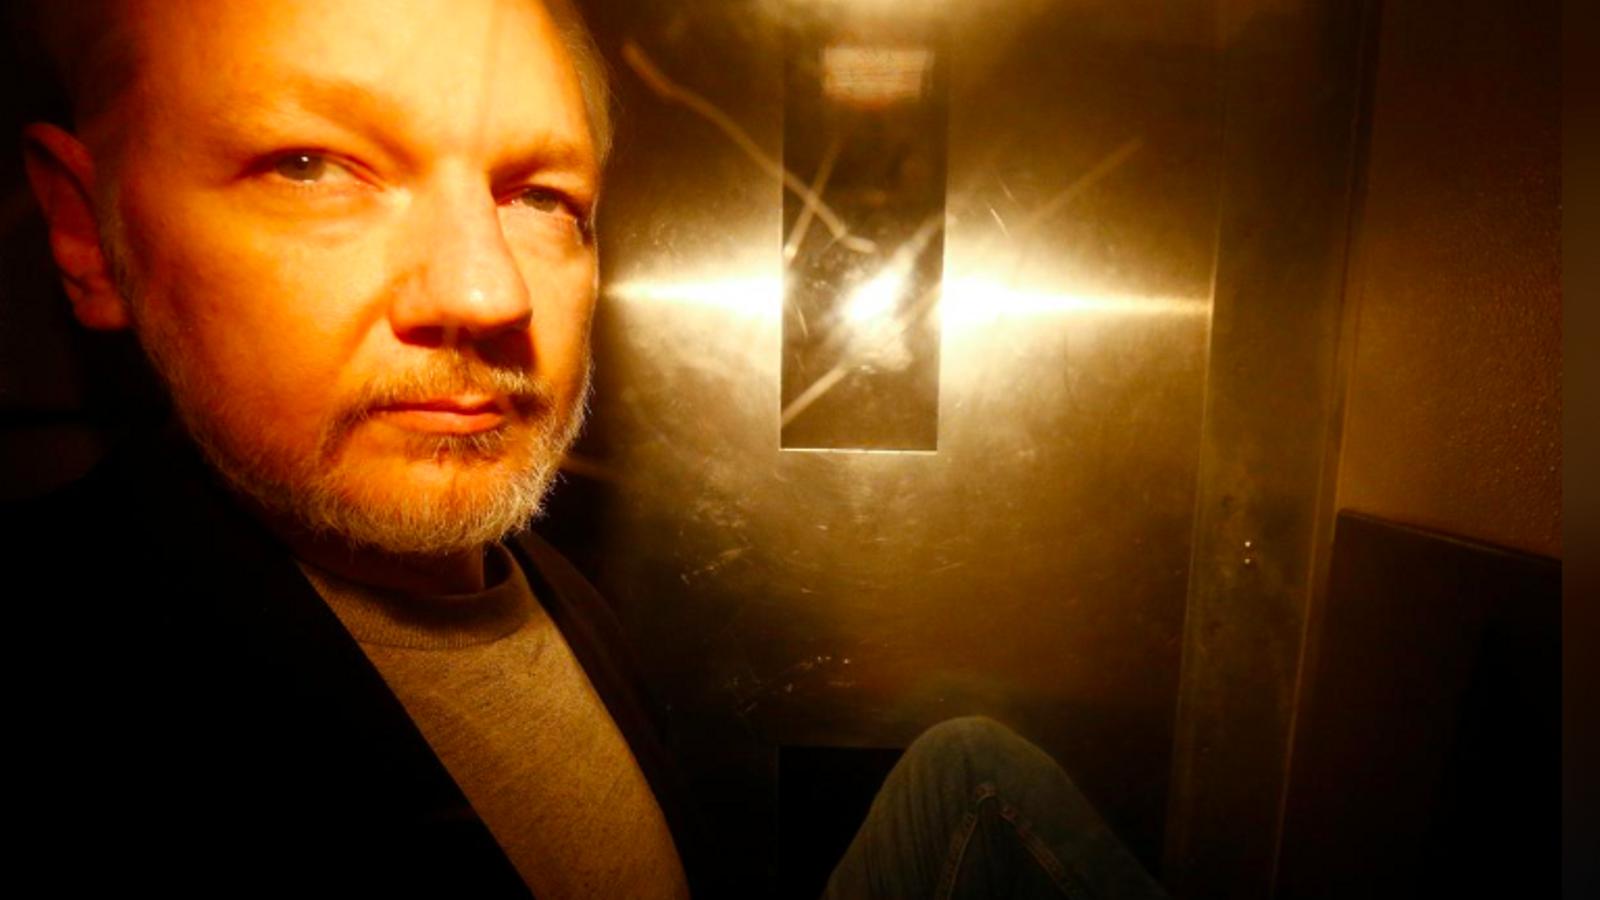 Julian Assange, ahir, en sortir del jutjat de Southwark, al sud de Londres, després de ser sentenciat a 50 setmanes de presó / HENRY NICHOLLS / REUTERS